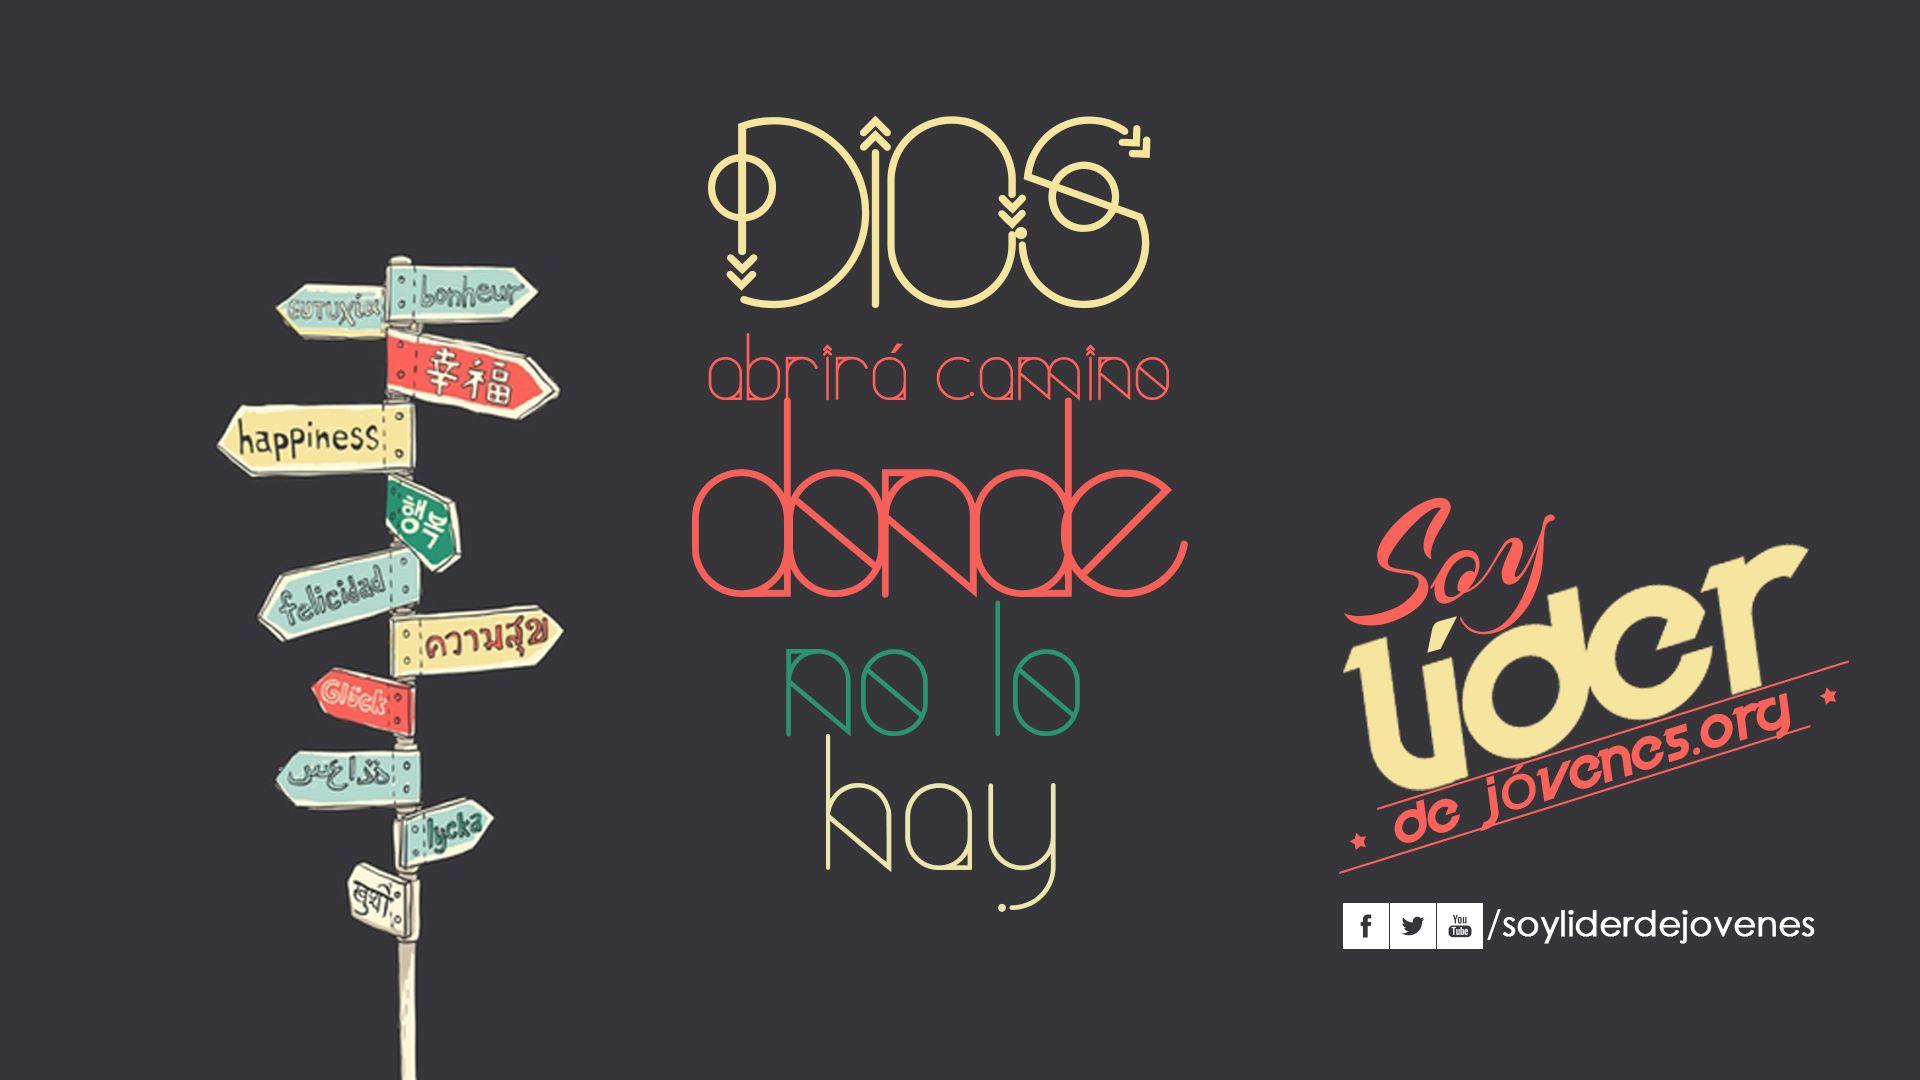 Dios abrirá caminos donde no lo hay…  #soyliderdejovenes  www.soyliderdejovenes.org